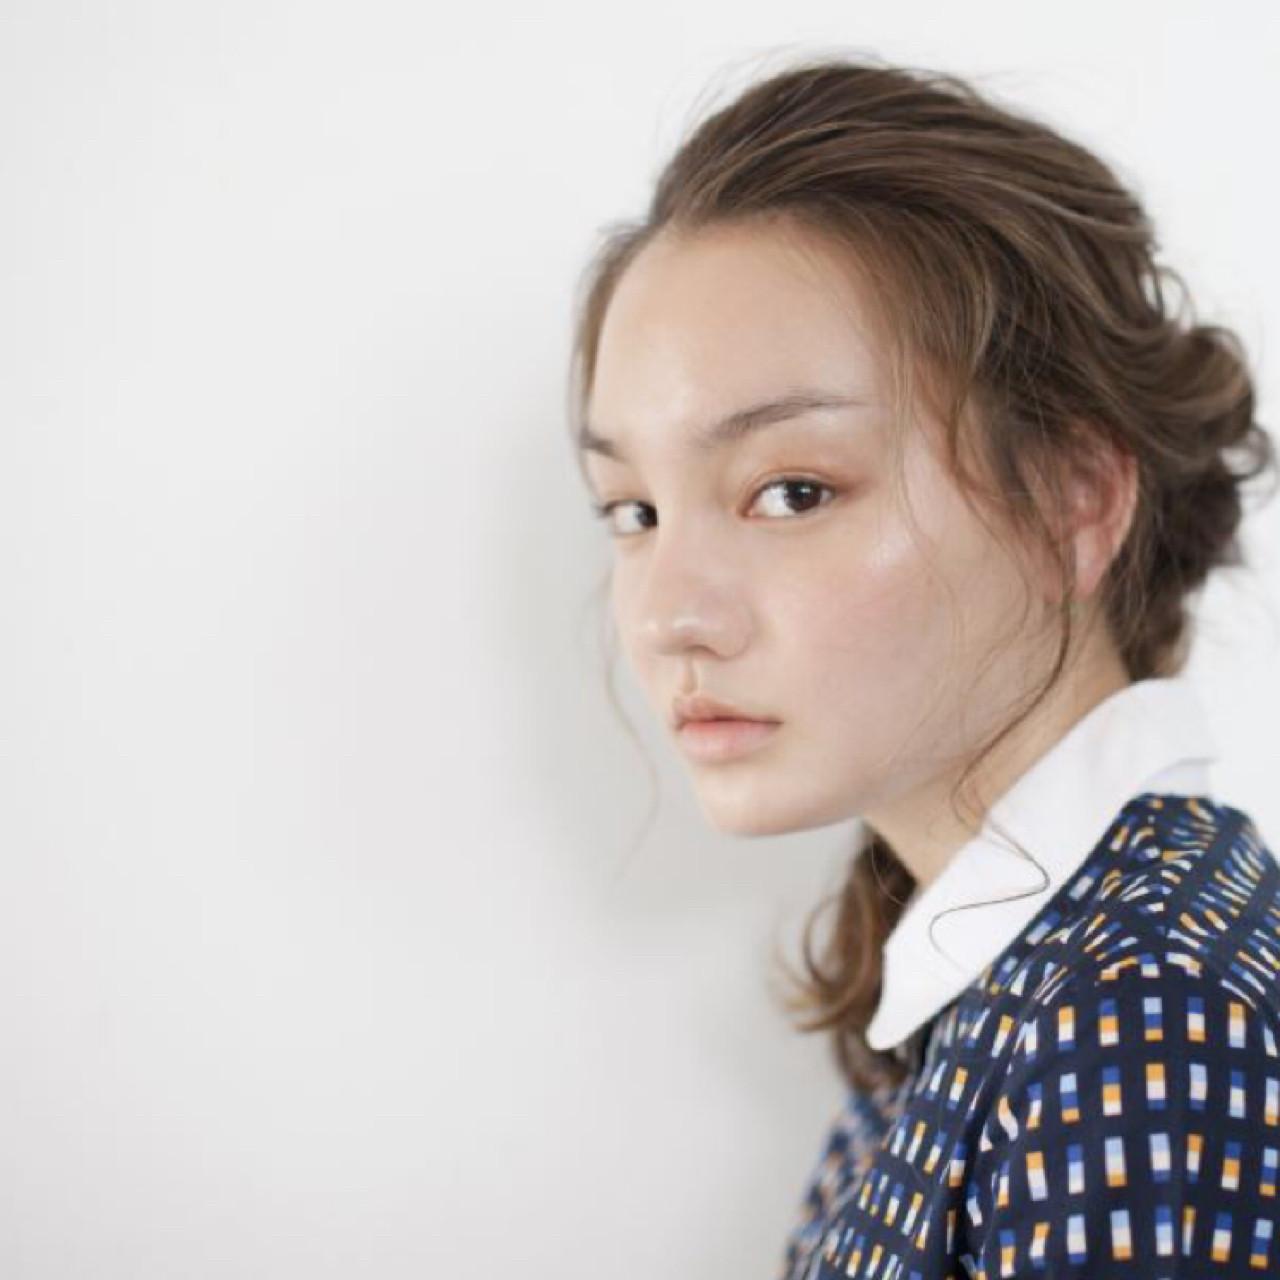 簡単ヘアアレンジ 編み込み ヘアアレンジ セミロング ヘアスタイルや髪型の写真・画像 | 二矢川 / SCALA